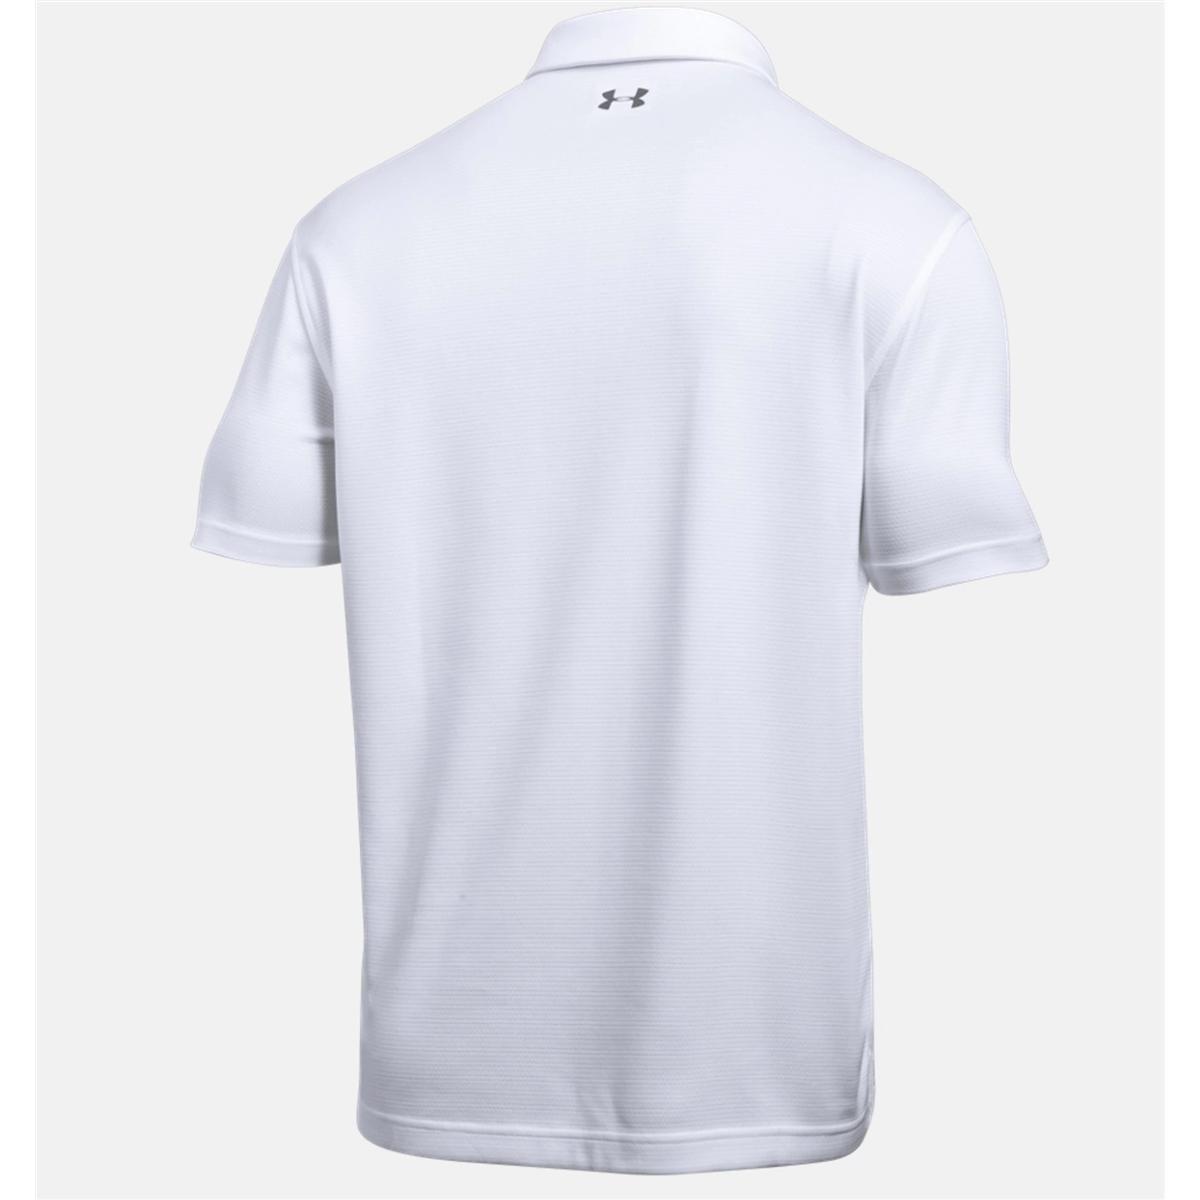 6e1df706eb Camisa Polo Under Armour Tech Masculina - Compre Agora